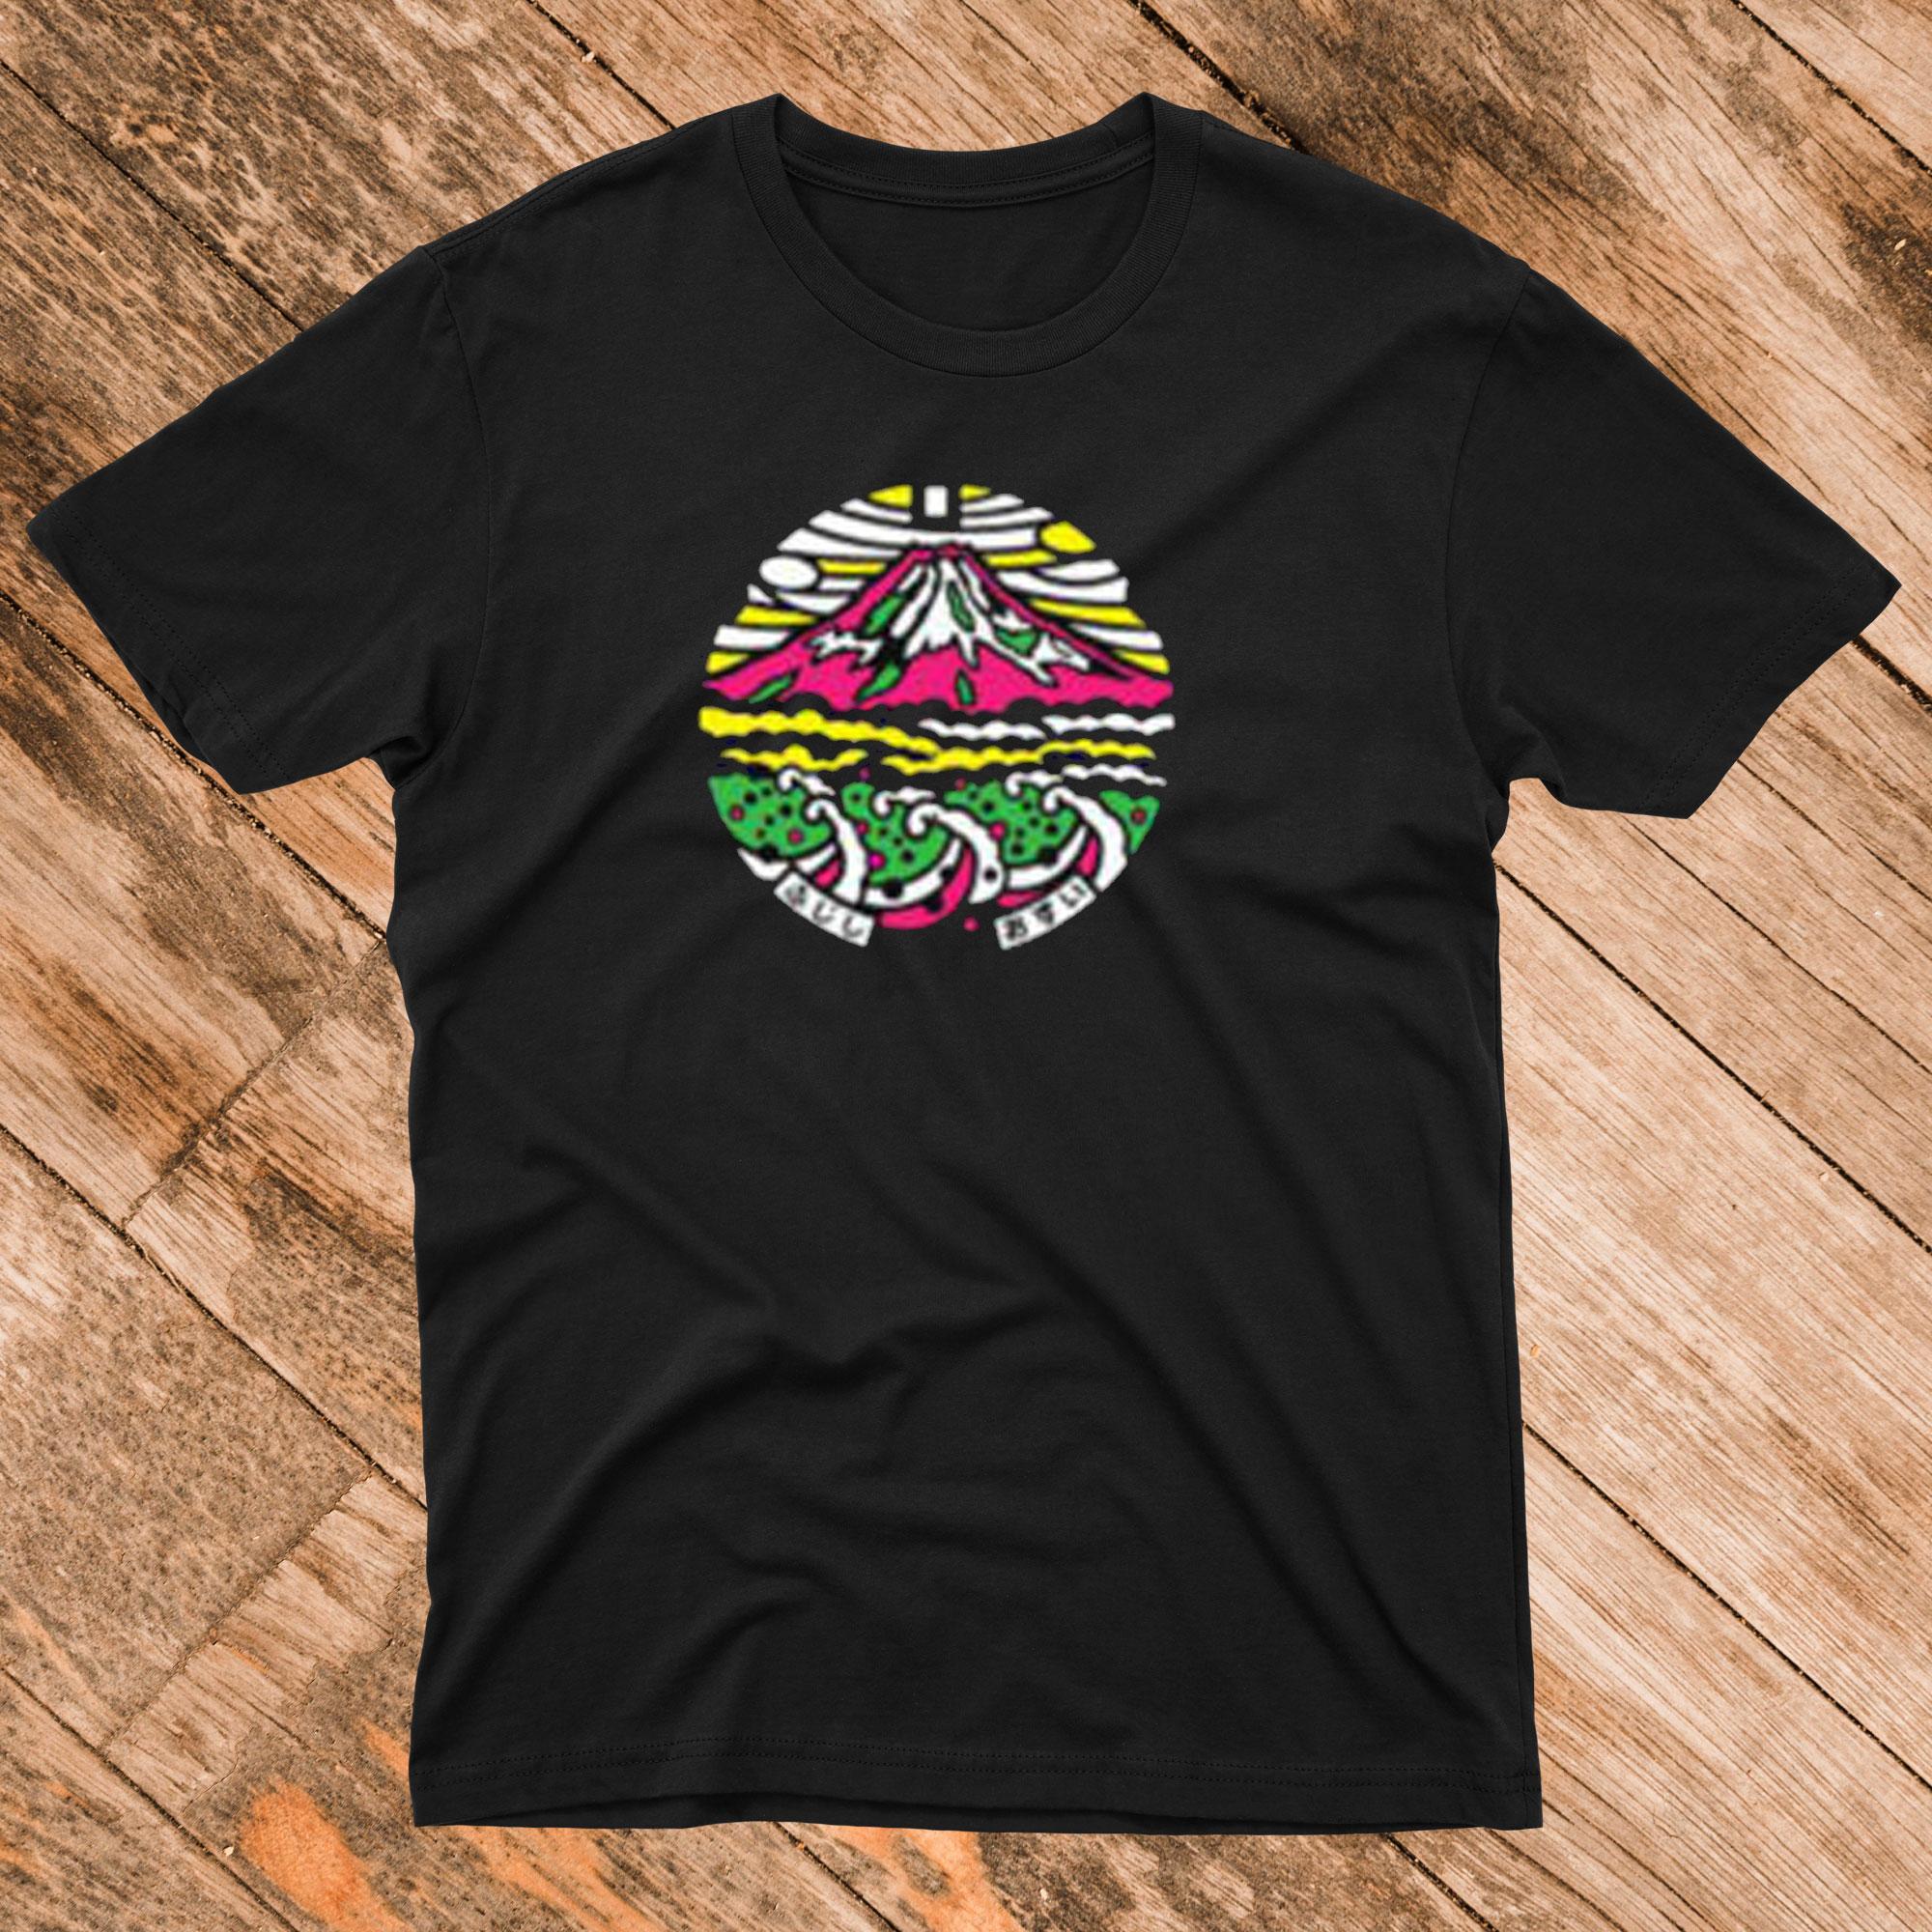 47 Regions Manhole T-Shirt